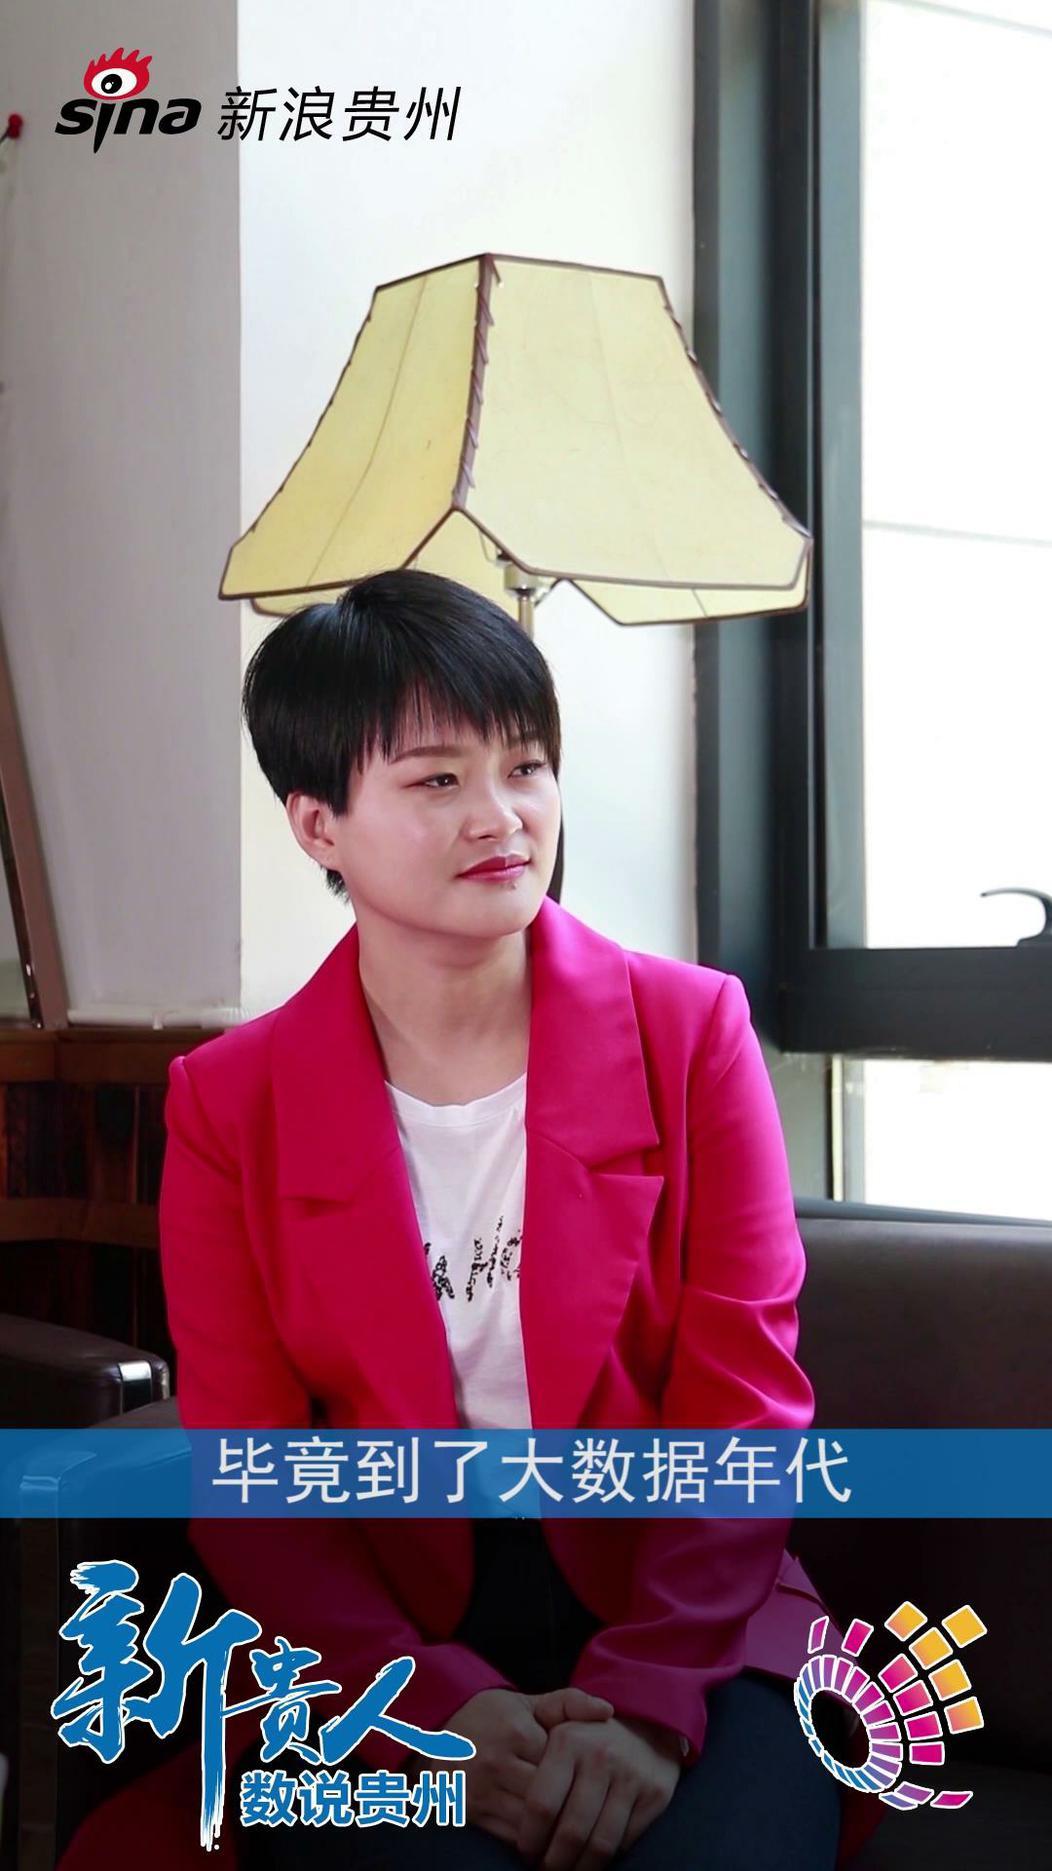 新贵人数说贵州:专访公共大数据国家重点实验室主任杨义先